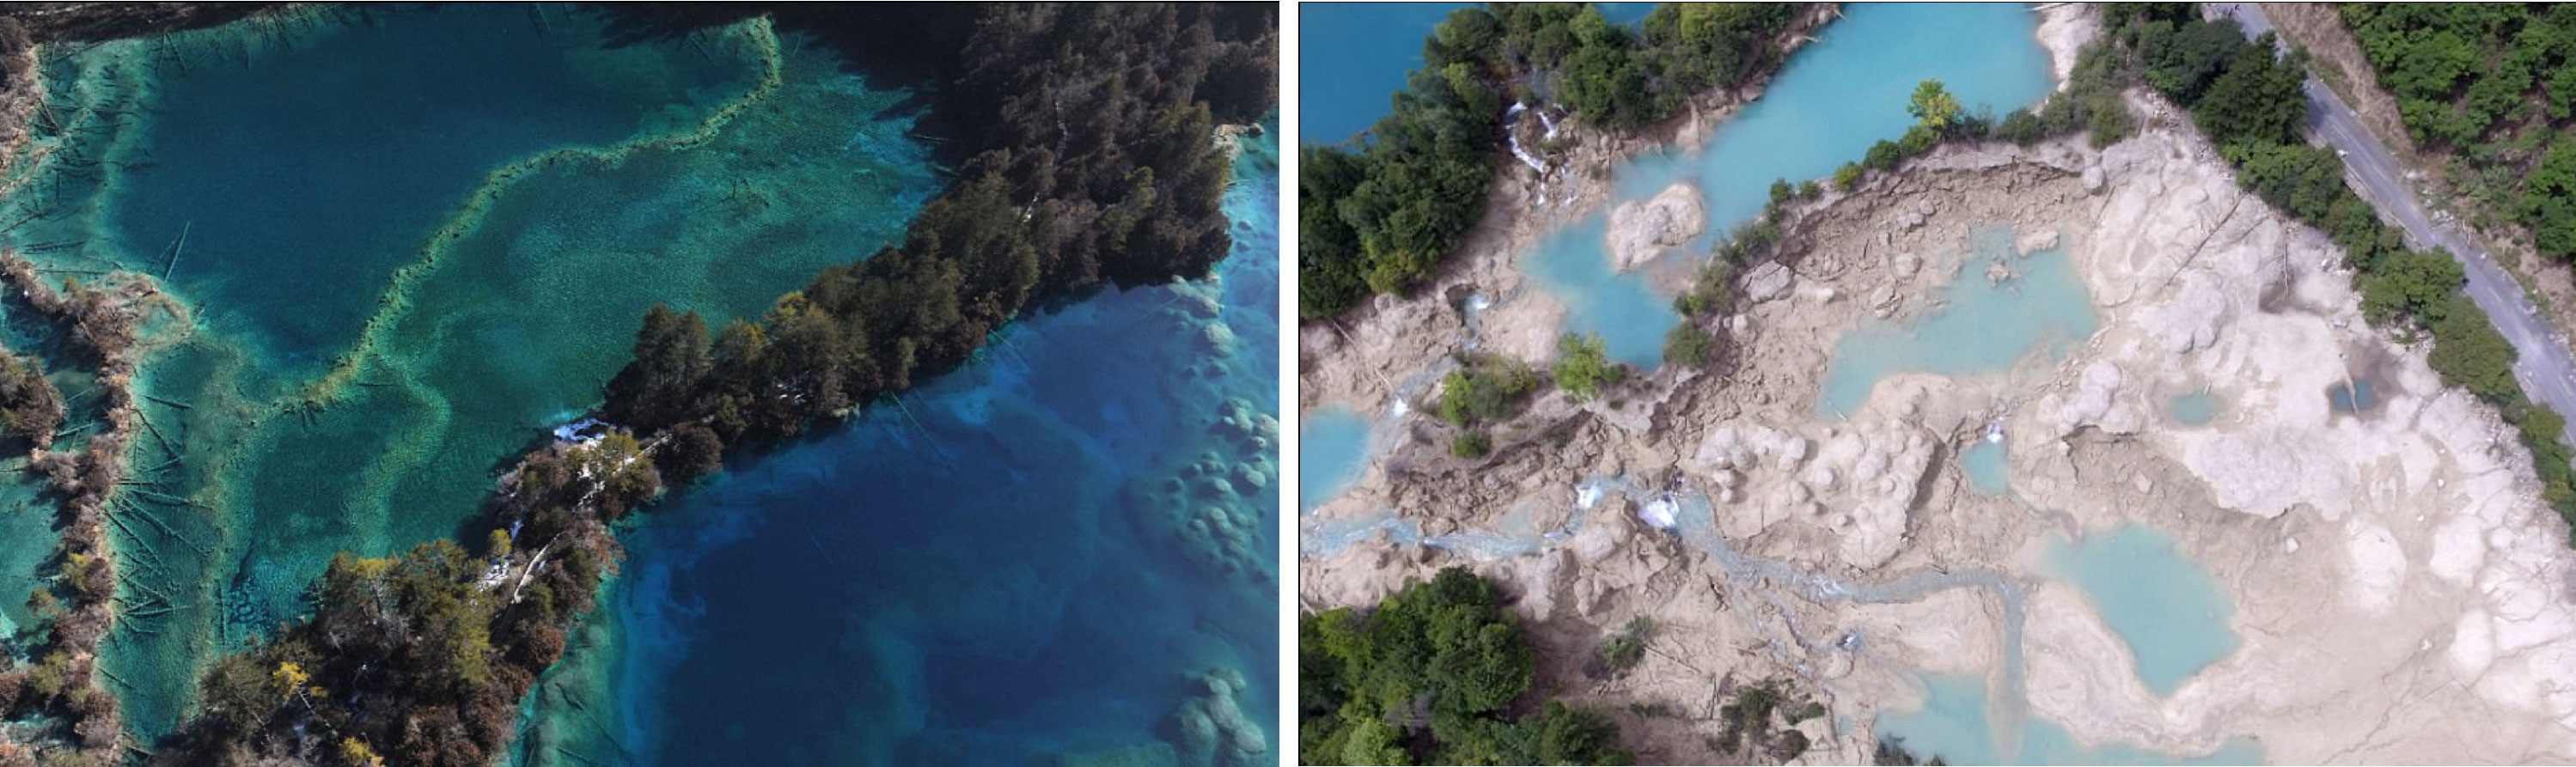 Jiuzhai-National-Park-damage